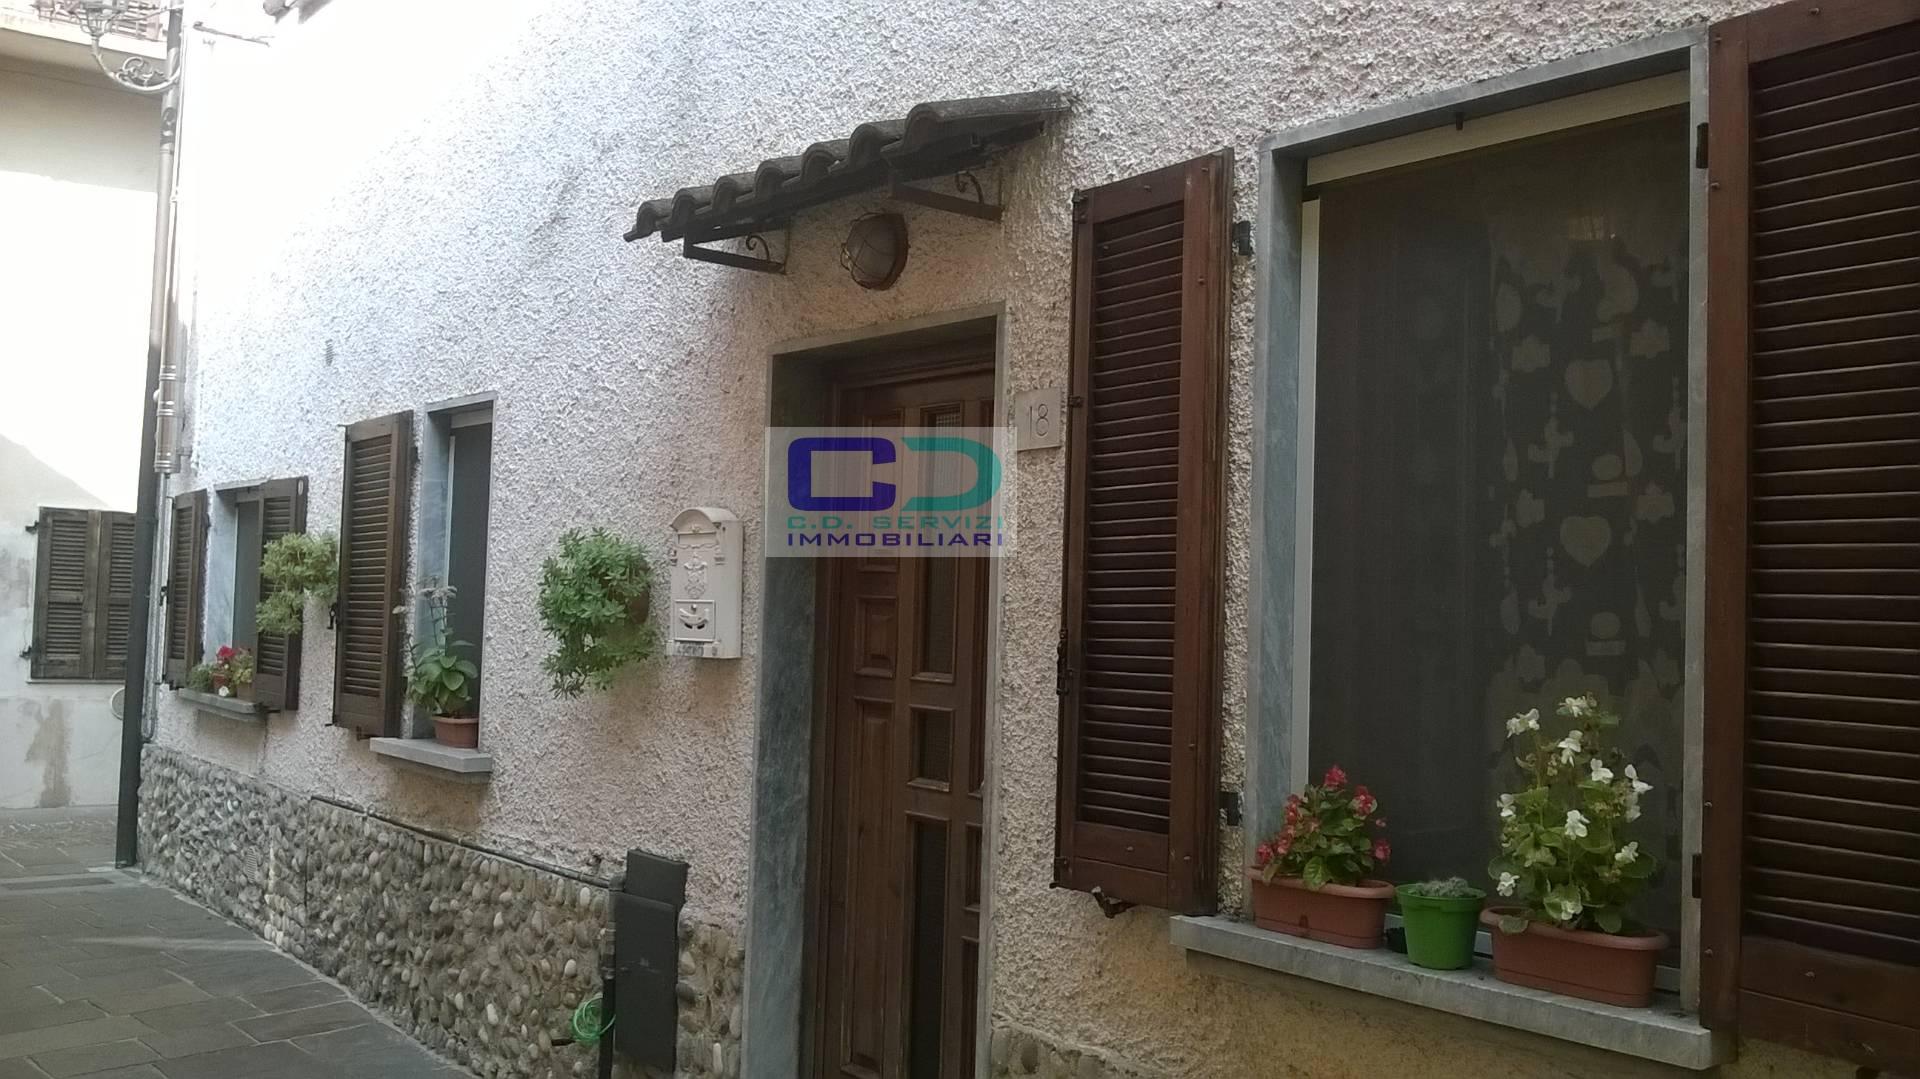 Appartamento in affitto a Cassano d'Adda, 3 locali, prezzo € 550 | CambioCasa.it